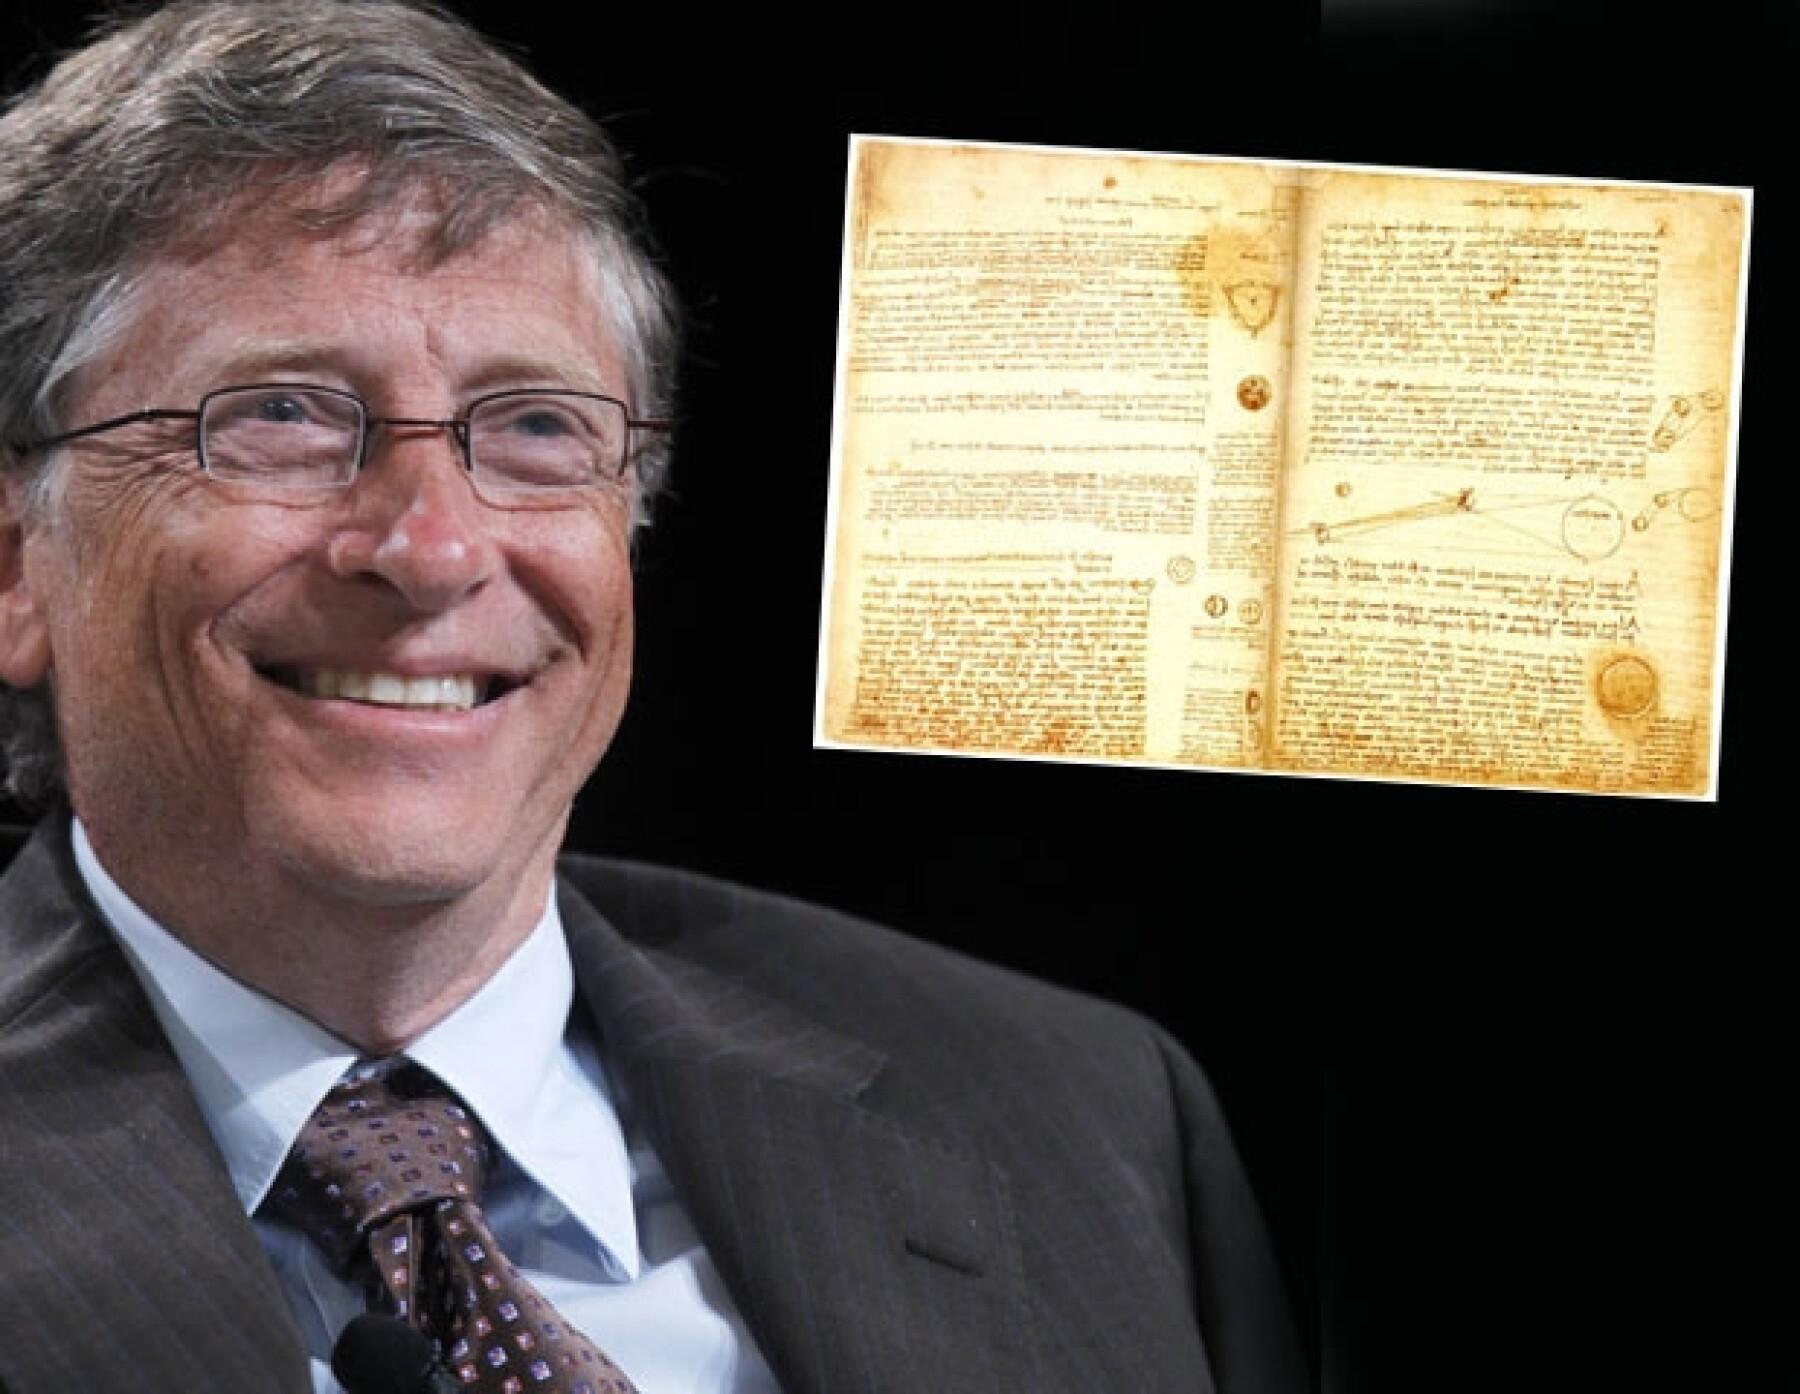 Bill Gates puede comprarse lo que quiera ya que es uno de los hombres más ricos del mundo.